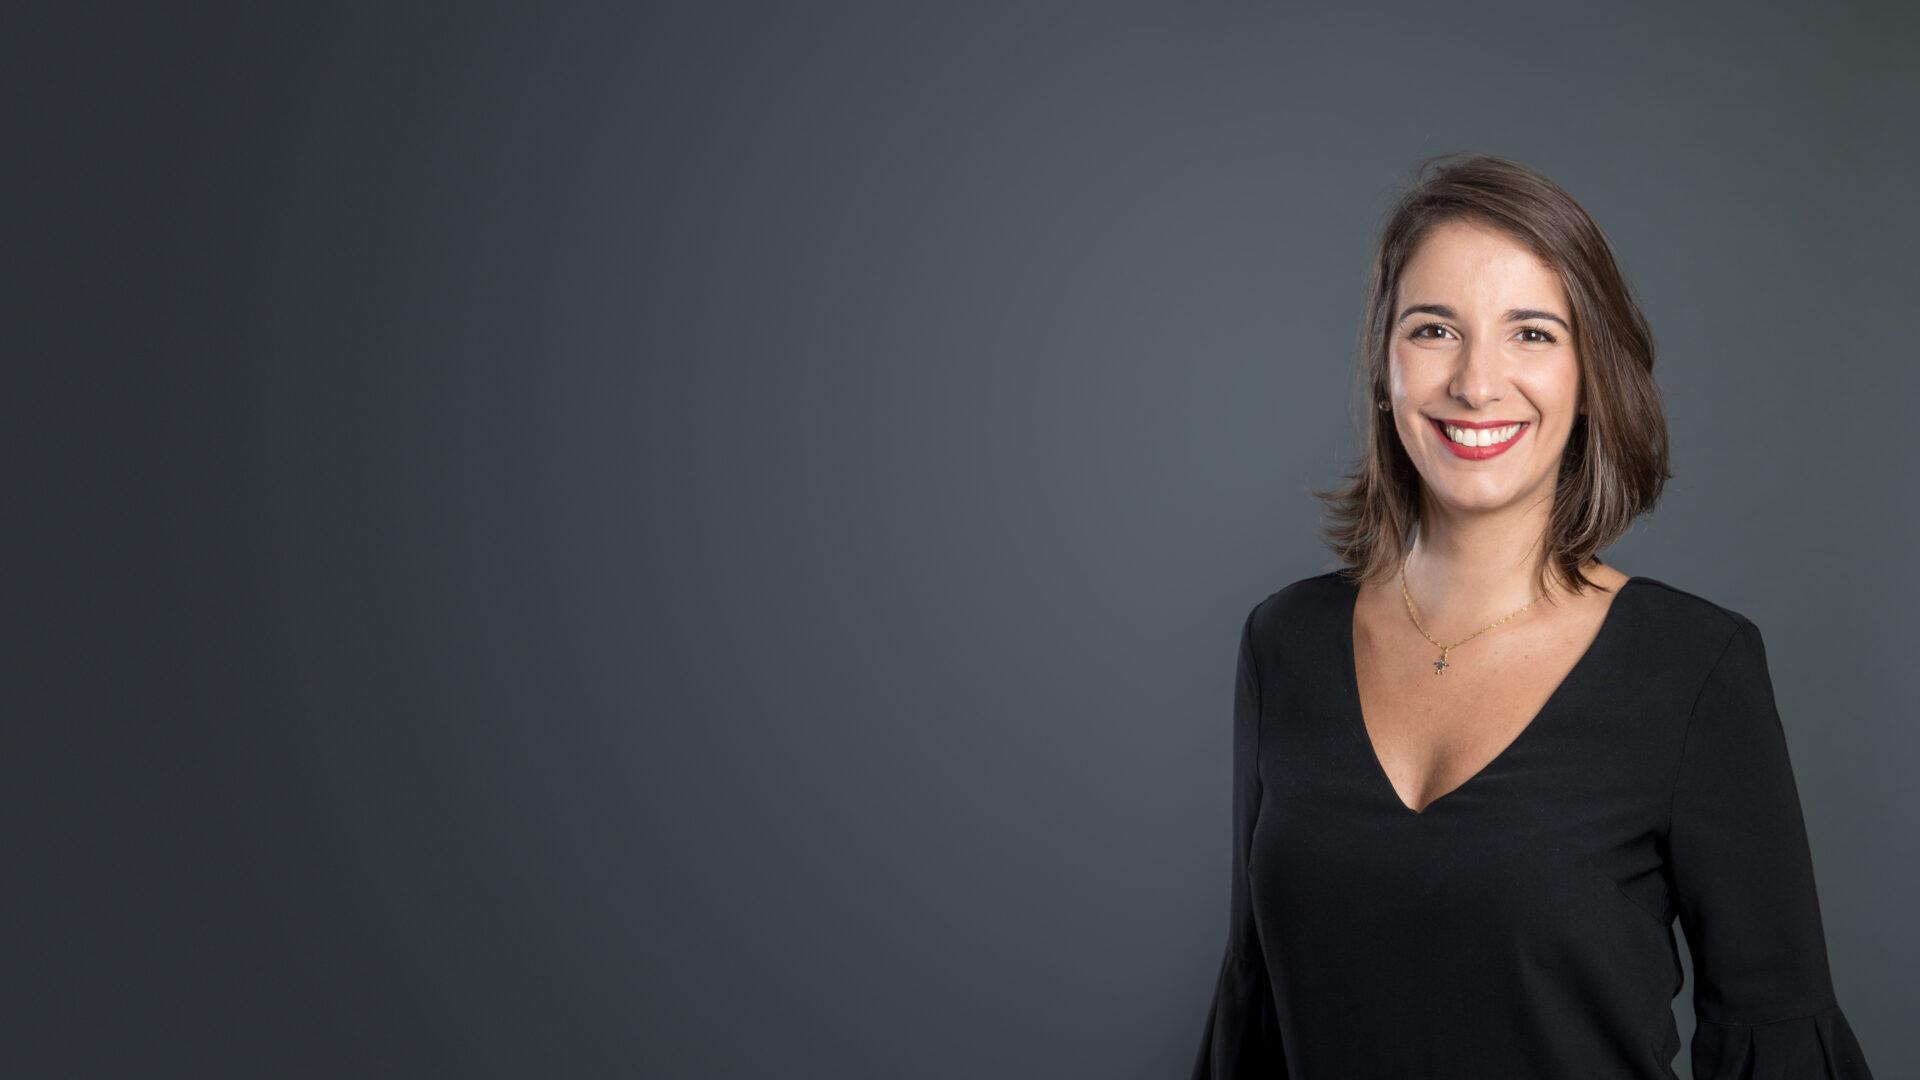 Camilla Queiroz Werneck